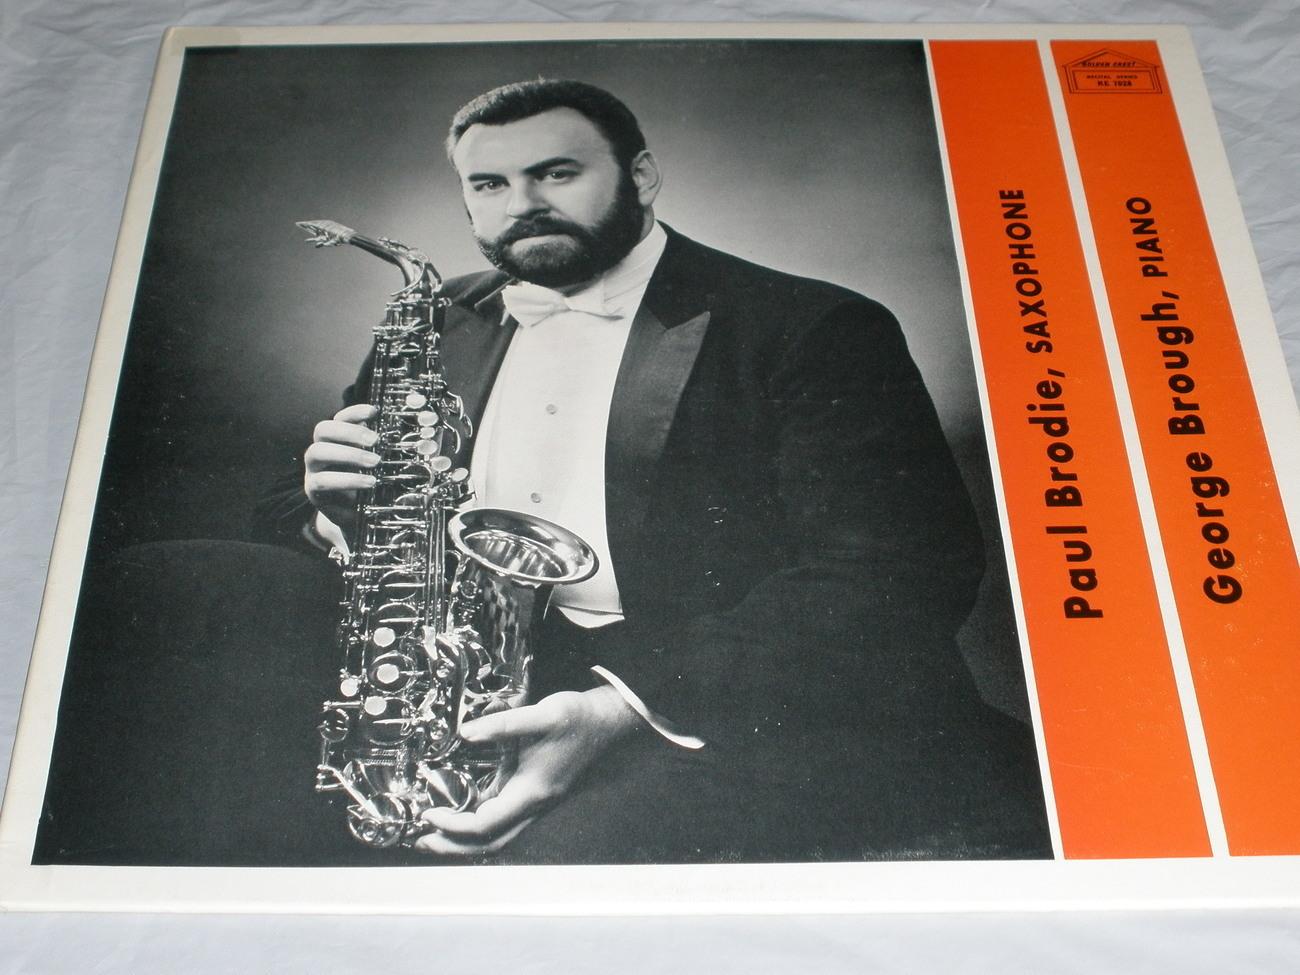 Paul brodie   sax   lp